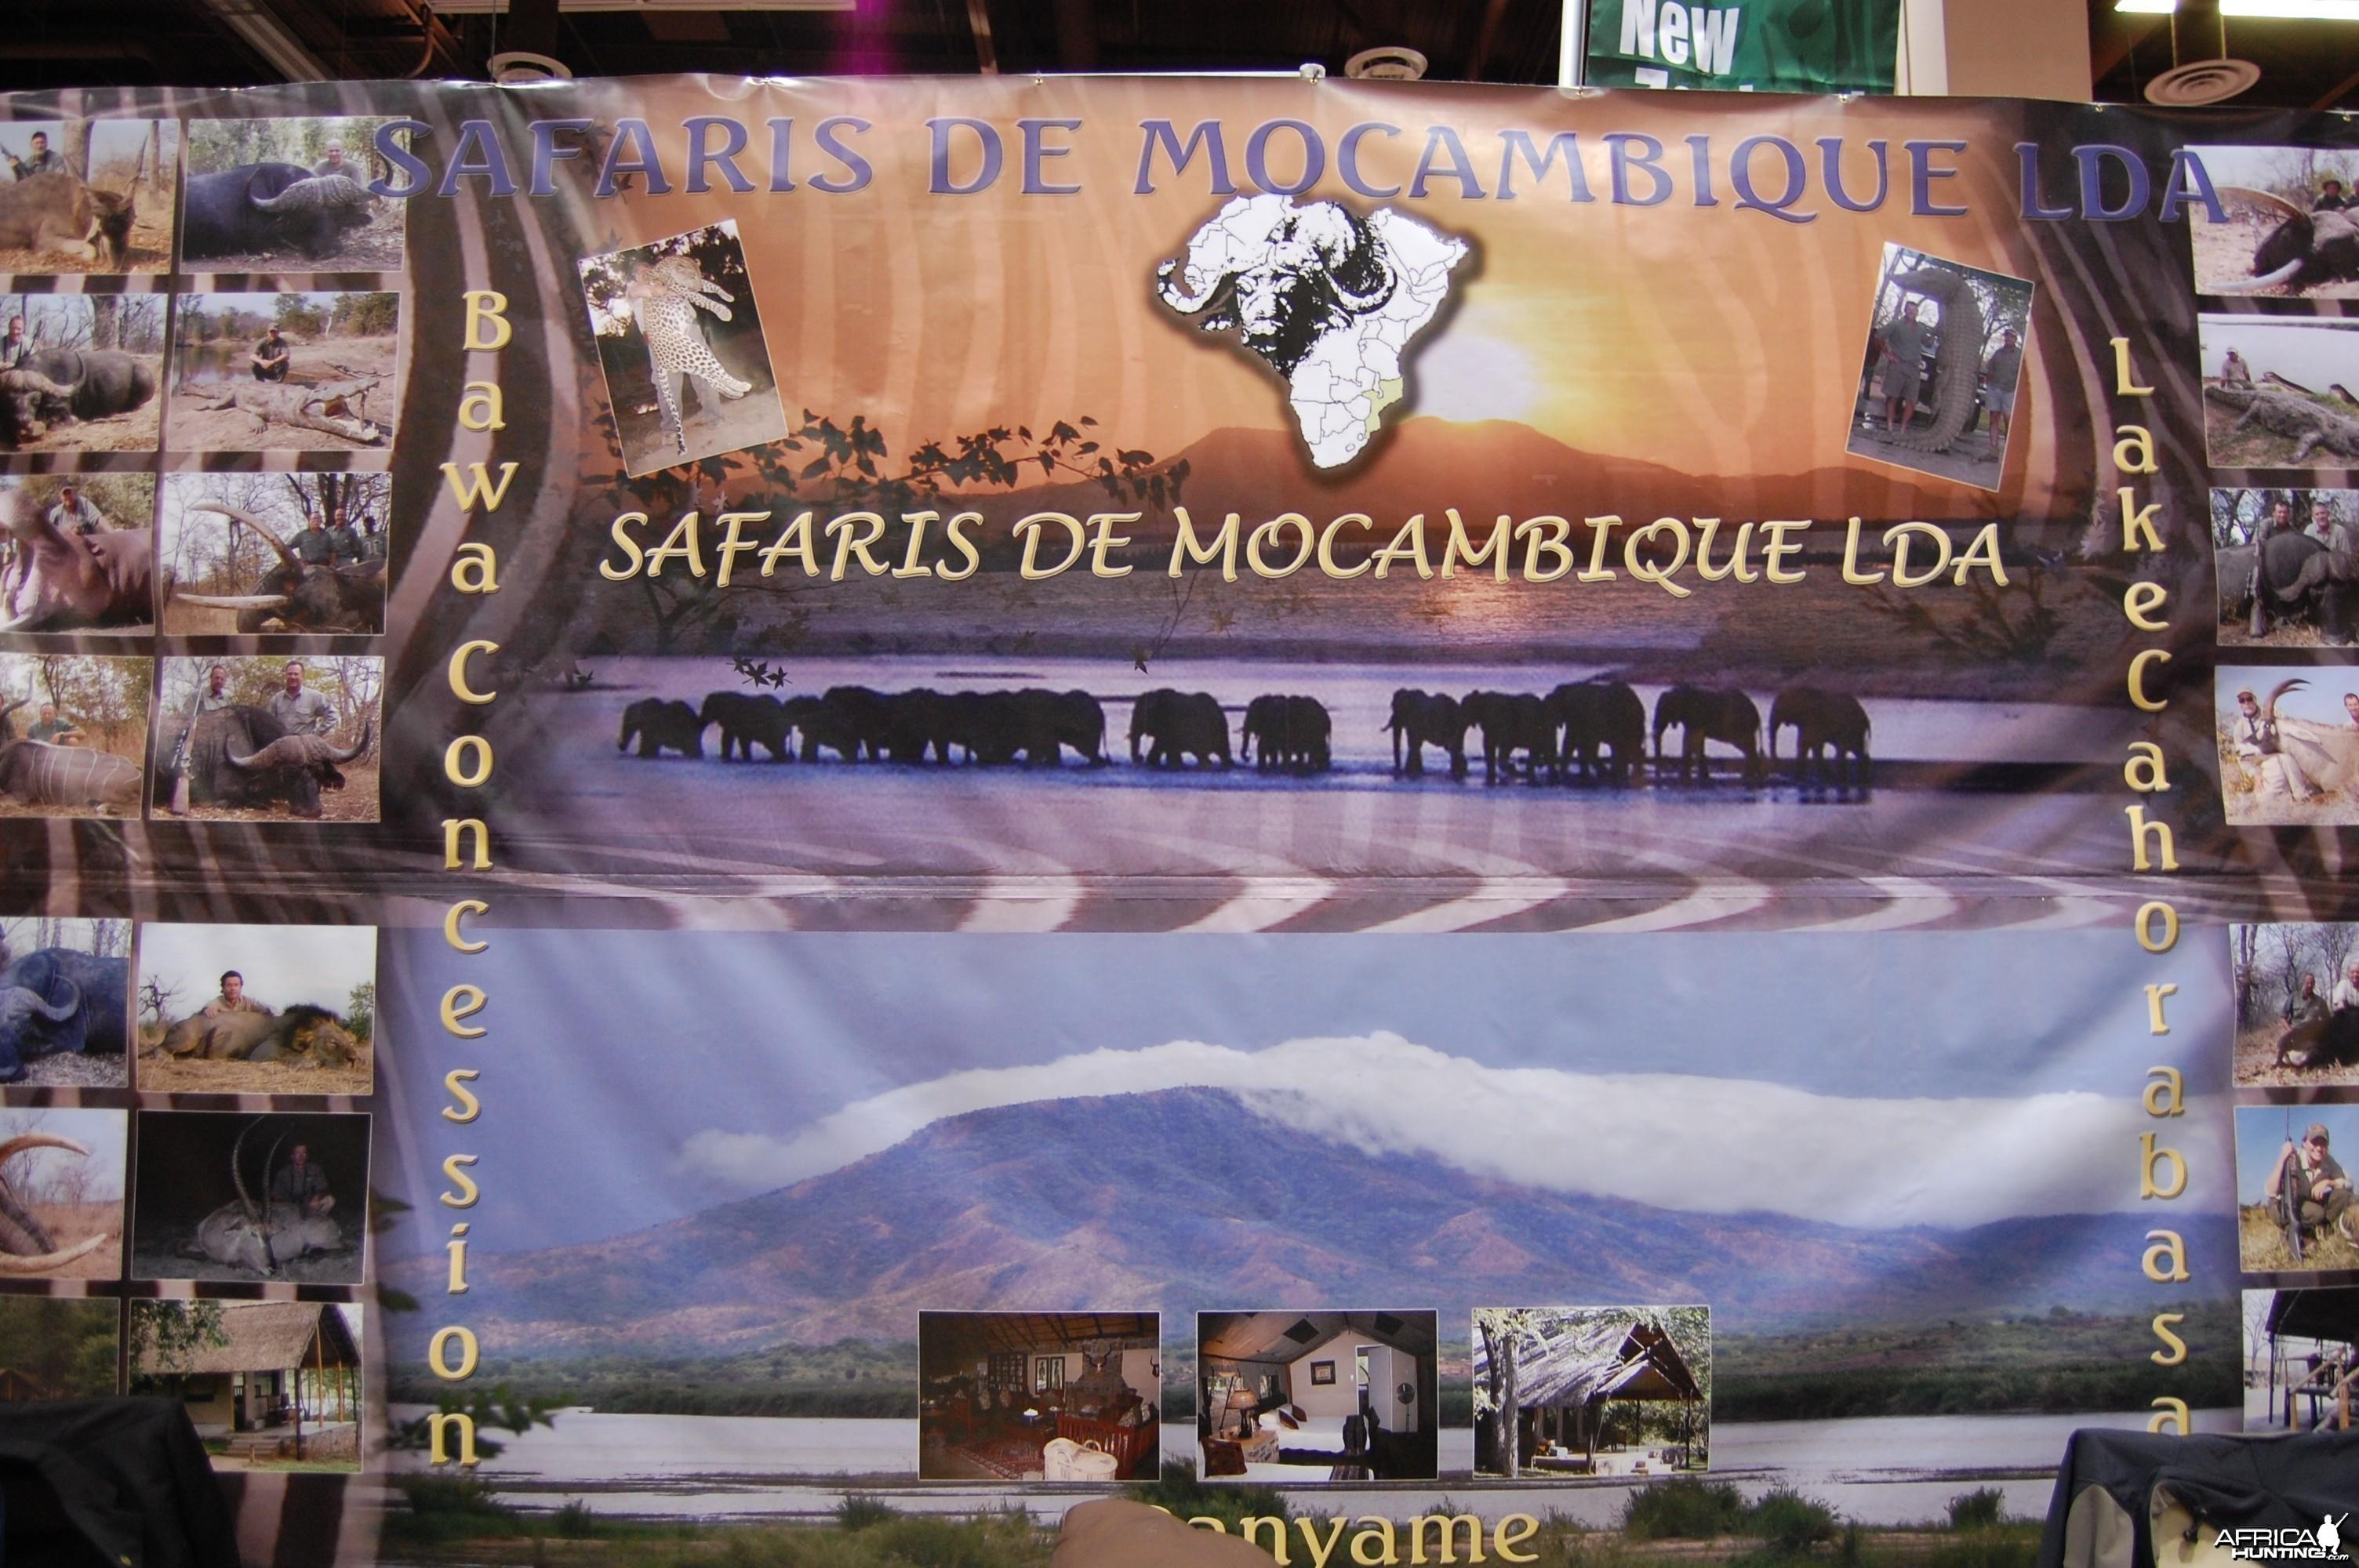 Safaris de Mocambique